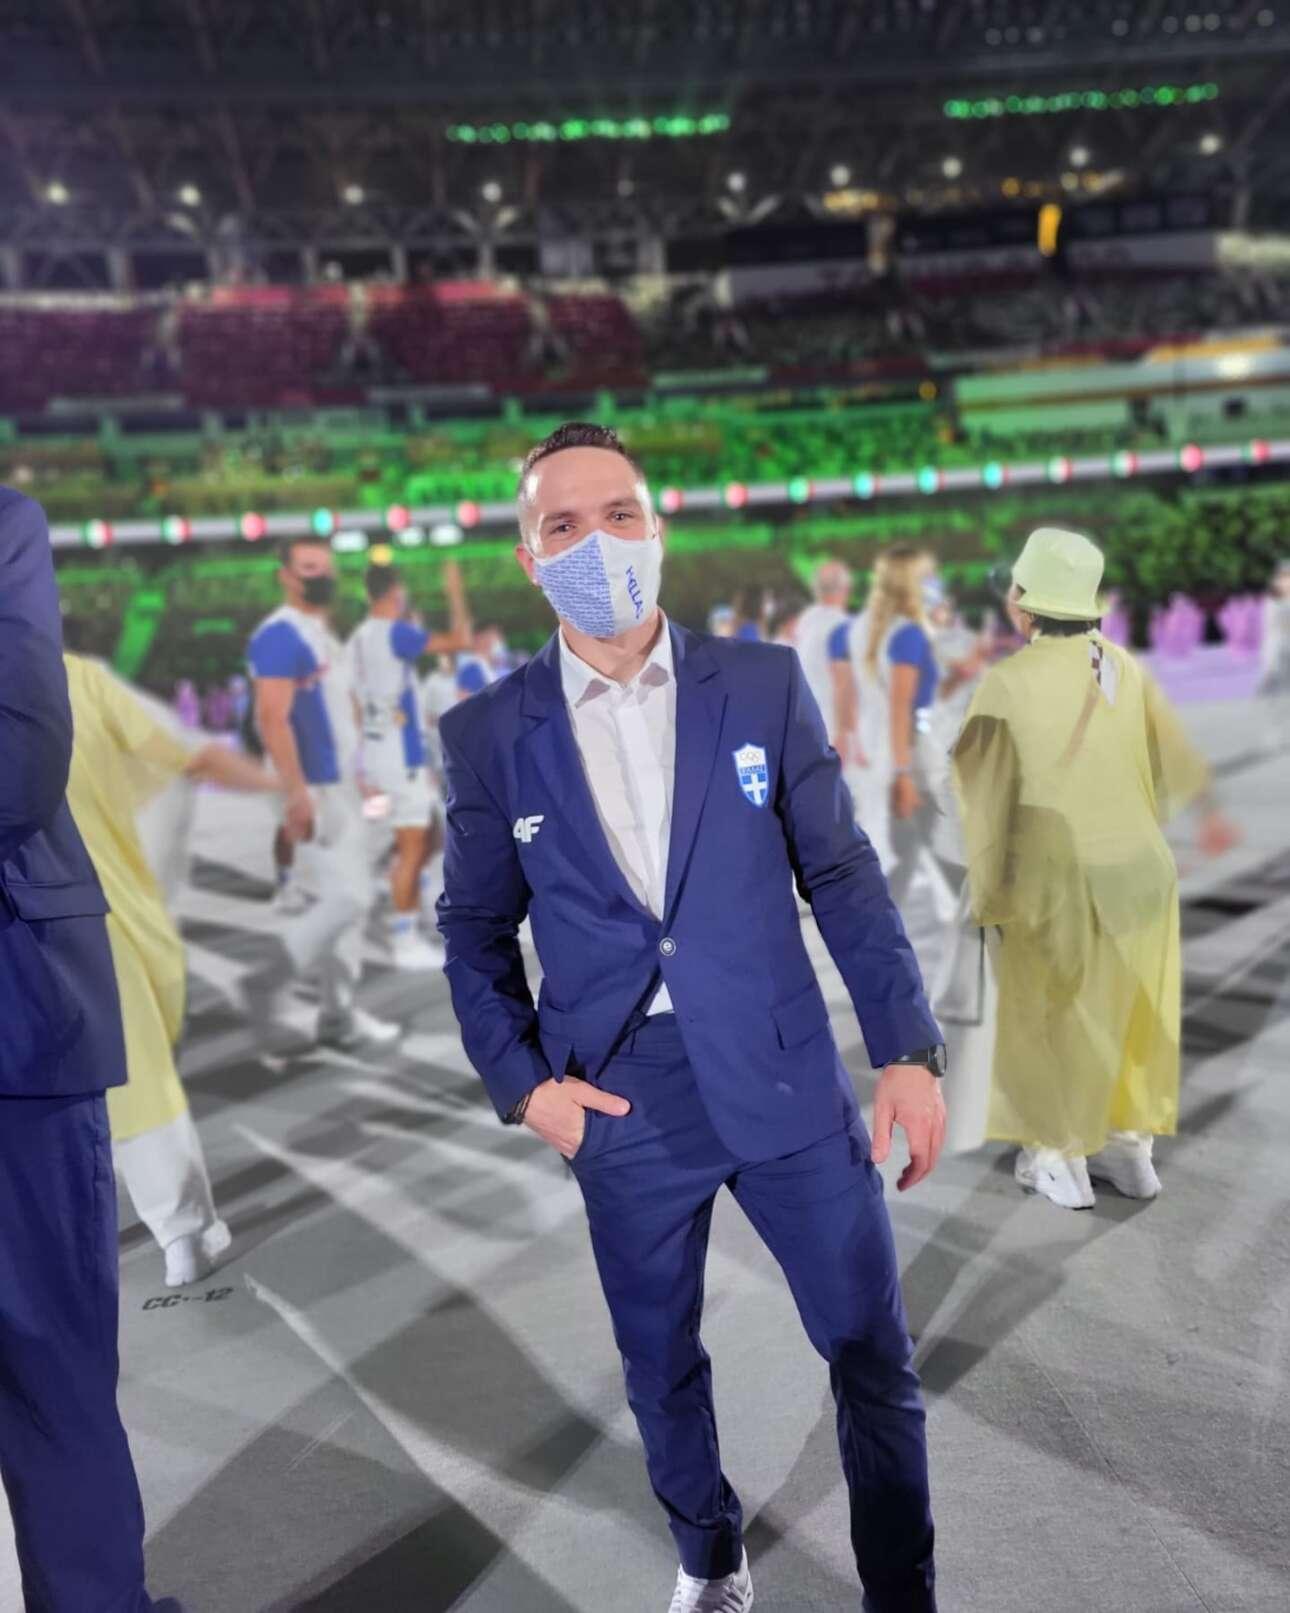 Ο Λευτέρης Πετρούνιας ποζάρει στον φακό ενός συναθλητή του κατά τη διάρκεια της τελετής